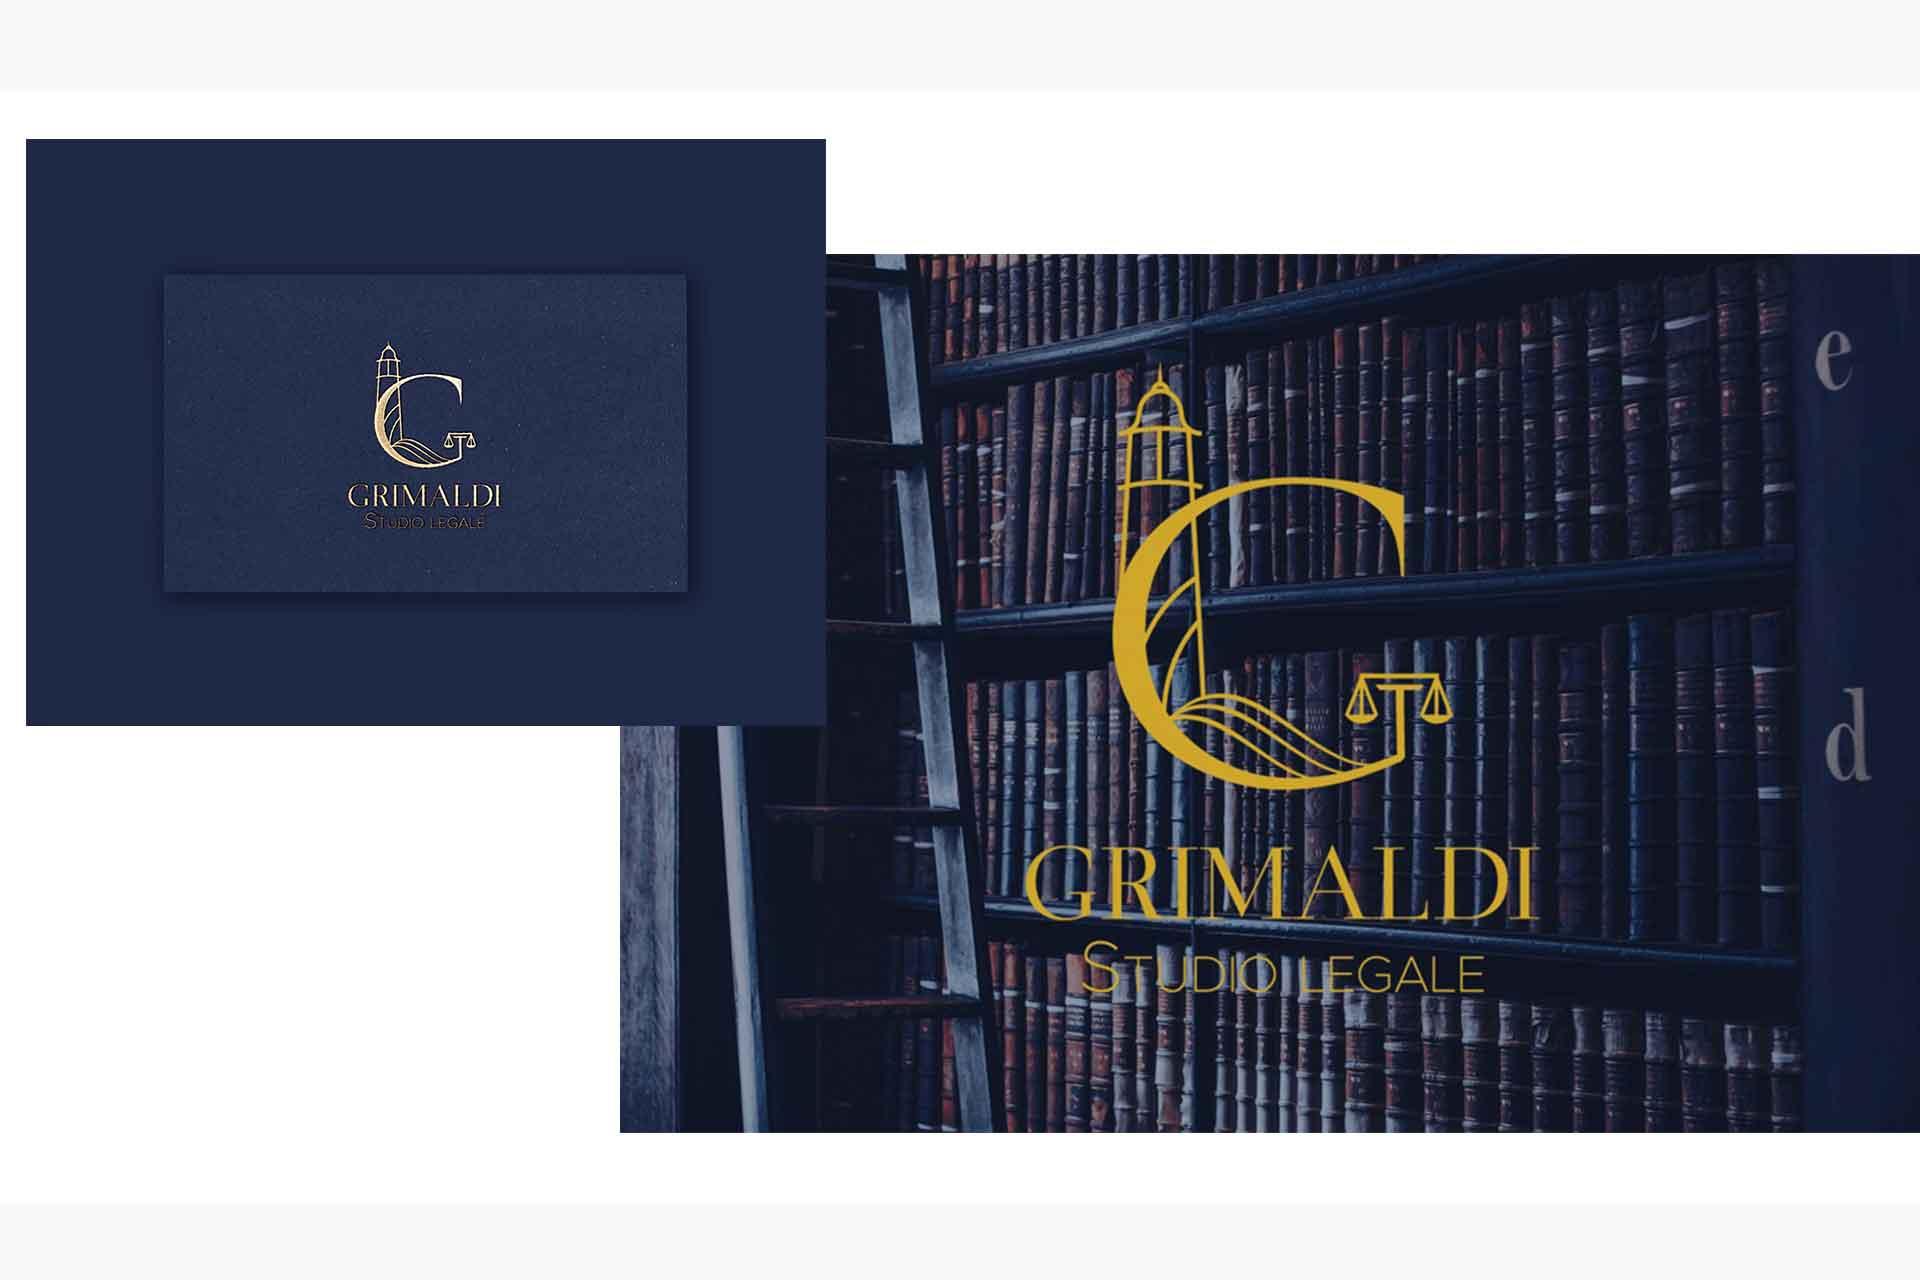 lv-design-realizzazione-siti-web-bologna-portfolio-grafica-studio-legale-grimaldi-slide-1